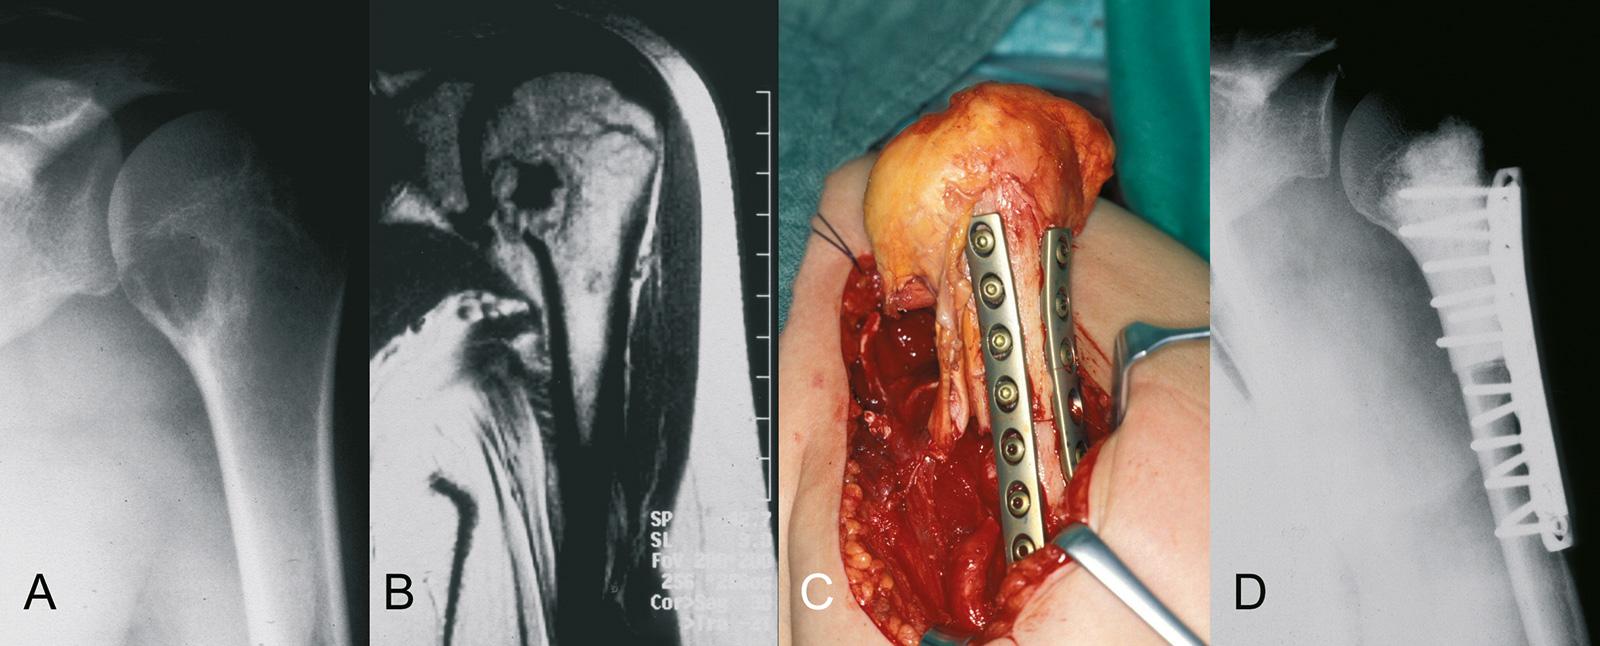 Abb. 8-14: Chondrosarkom des proximalen Humerus (A-B), intraoperatives Bild nach Rekonstruktion mit einem strukturellen Allograft (C). Postoperatives Röntgenbild: der Markraum ist mit PalacosZement aufgefüllt (D)